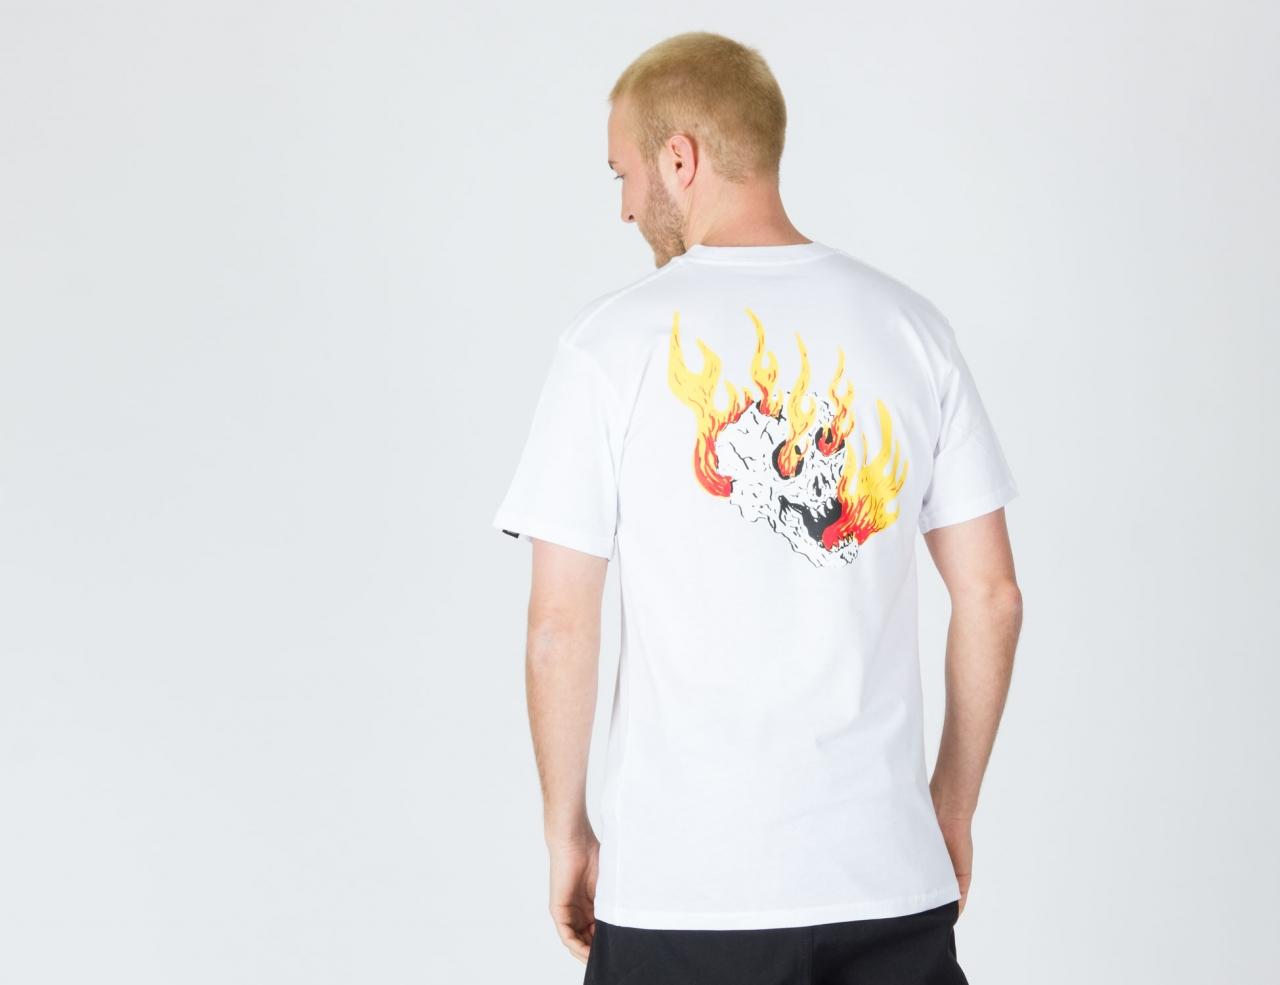 VANS Rowan Zorilla SKU Shirt - White